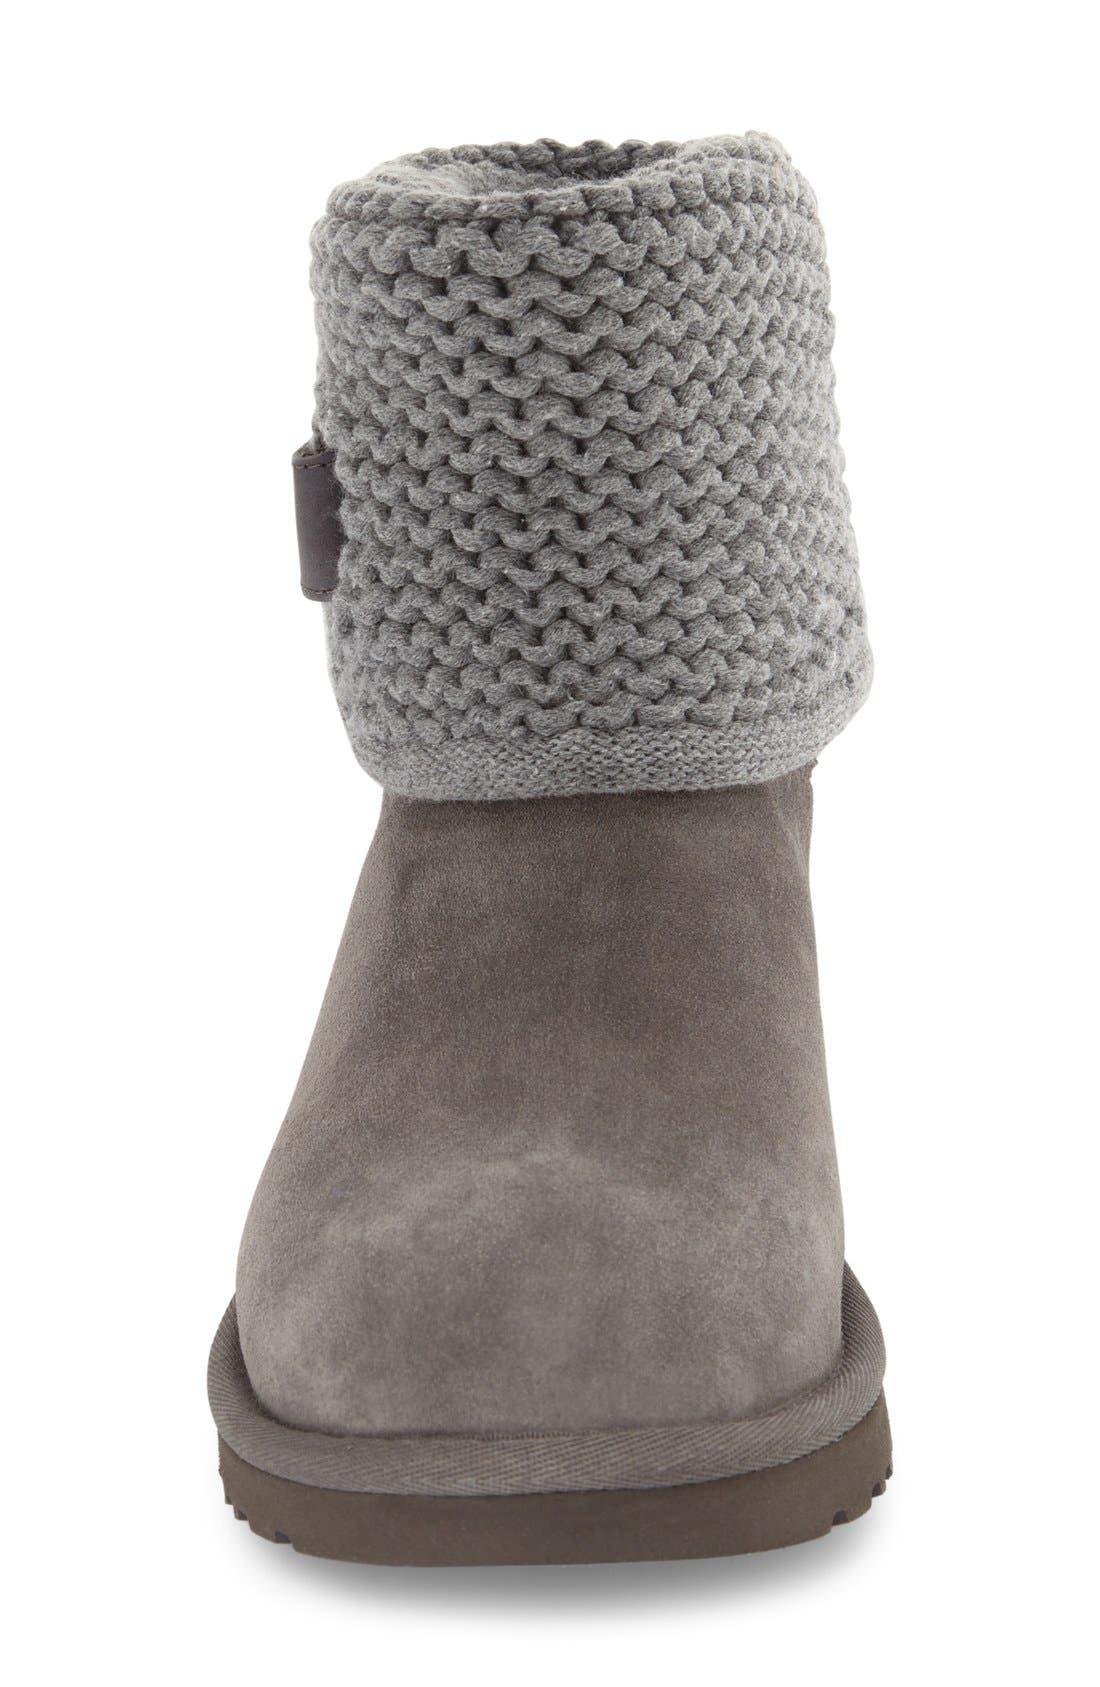 Alternate Image 3  - UGG® Shaina Knit Cuff Bootie (Women)